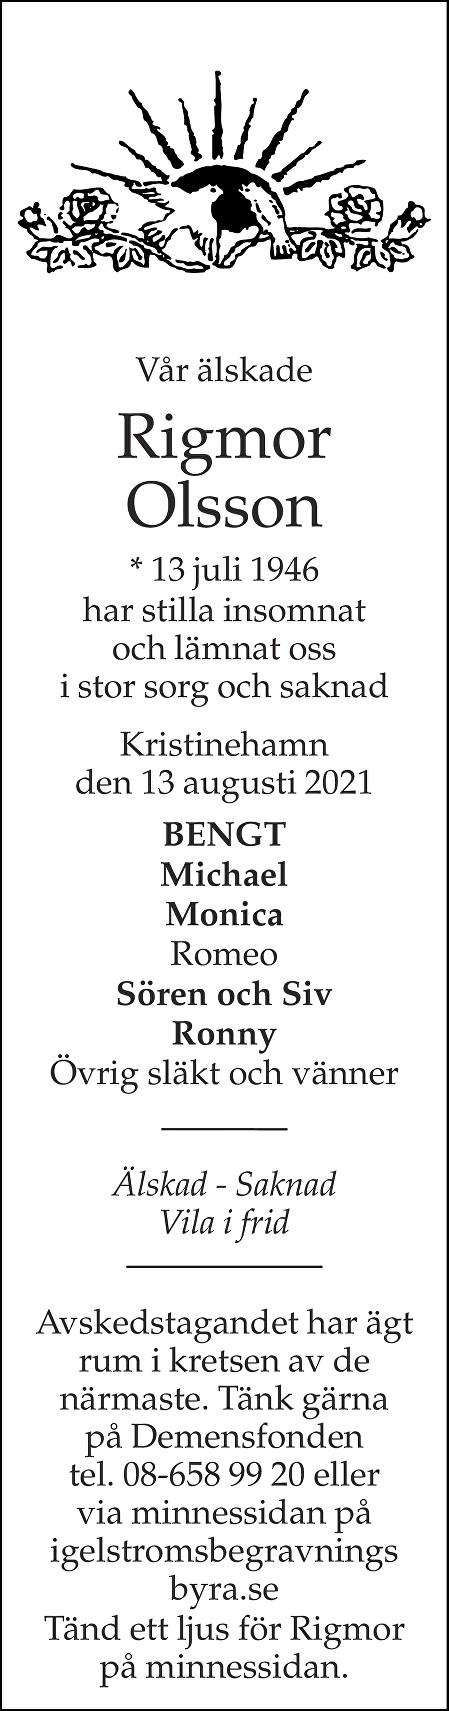 Rigmor Olsson Death notice